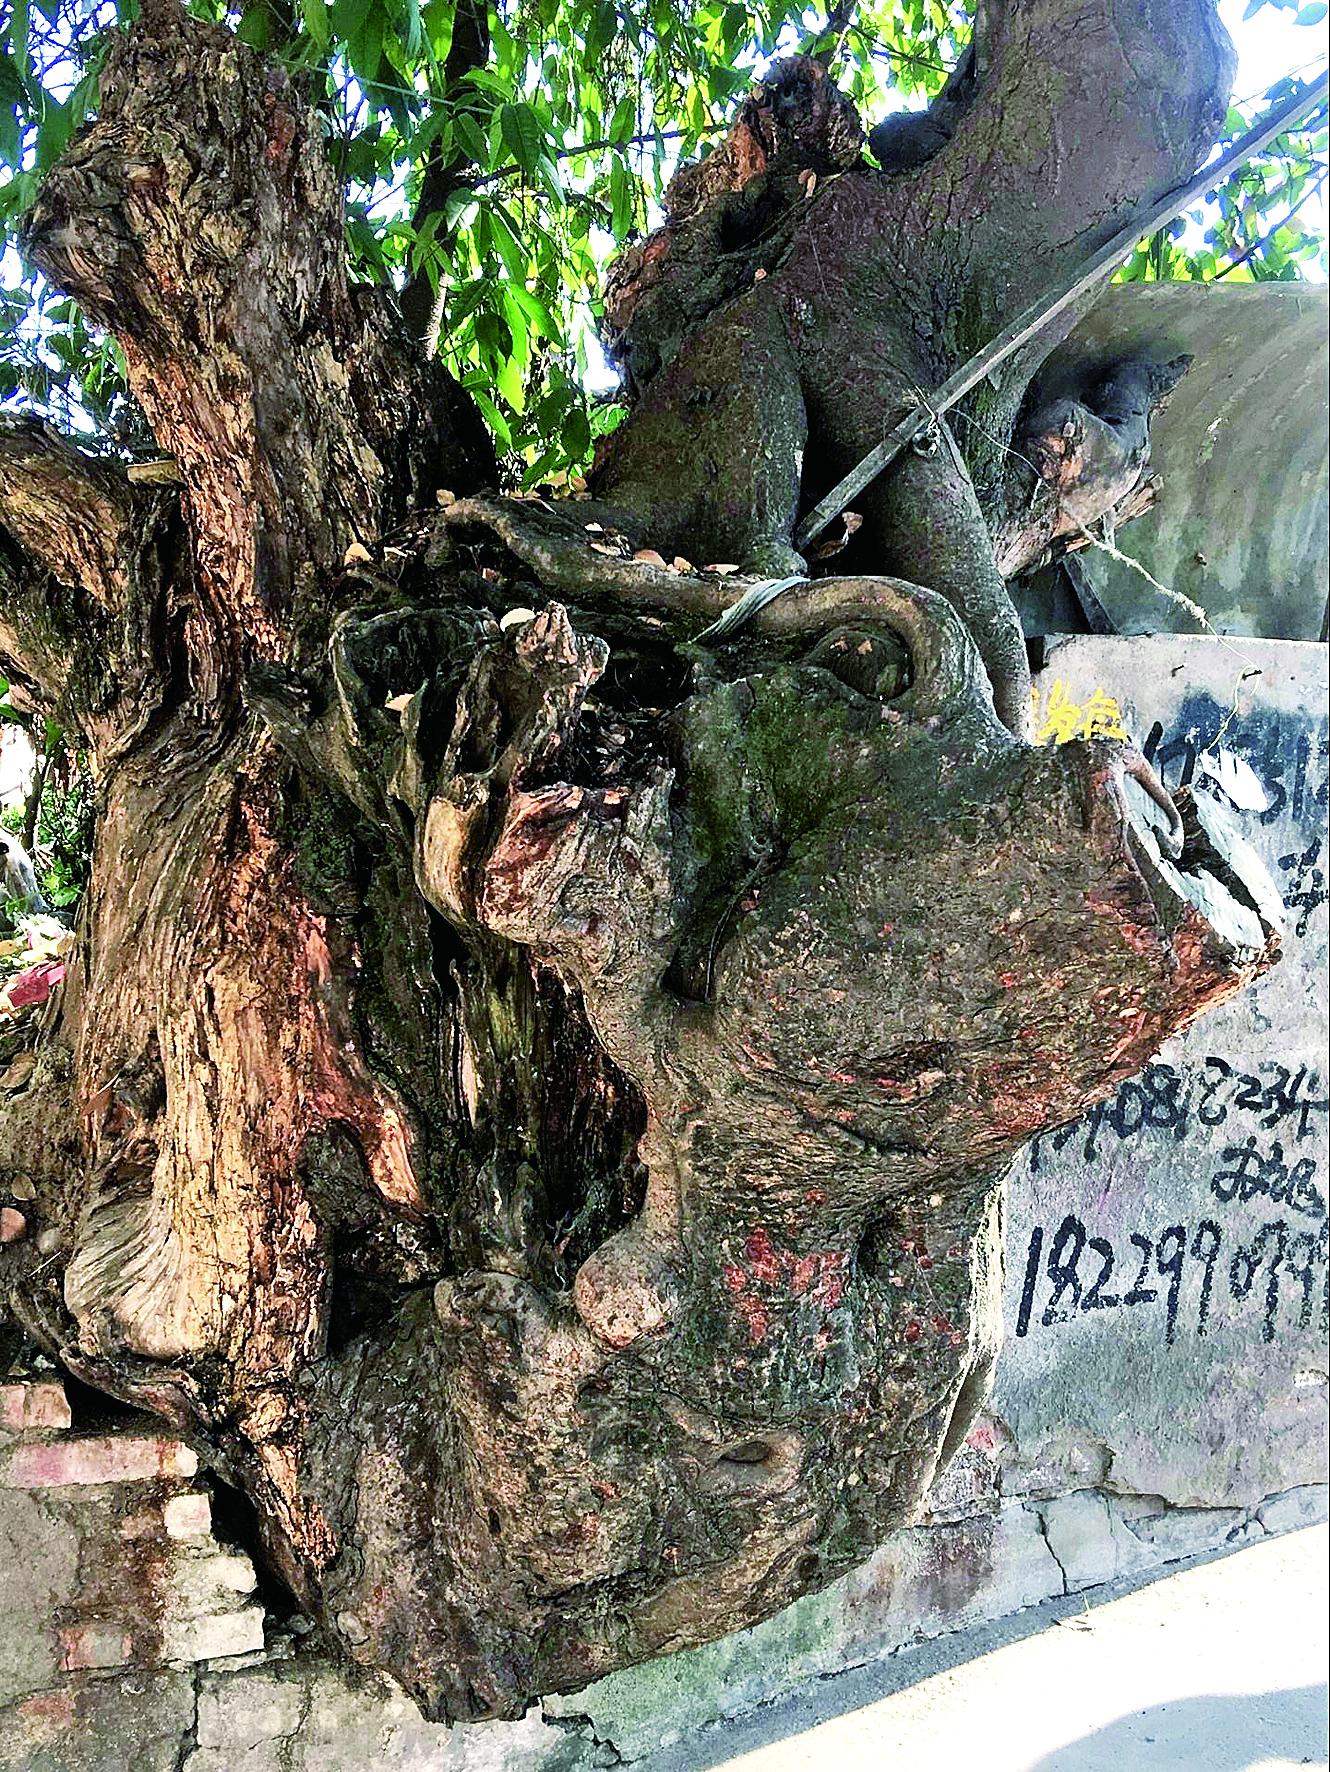 奇!被弃朽木根雕竟长成大树 树蔸酷似水牛背着鸵鸟跑